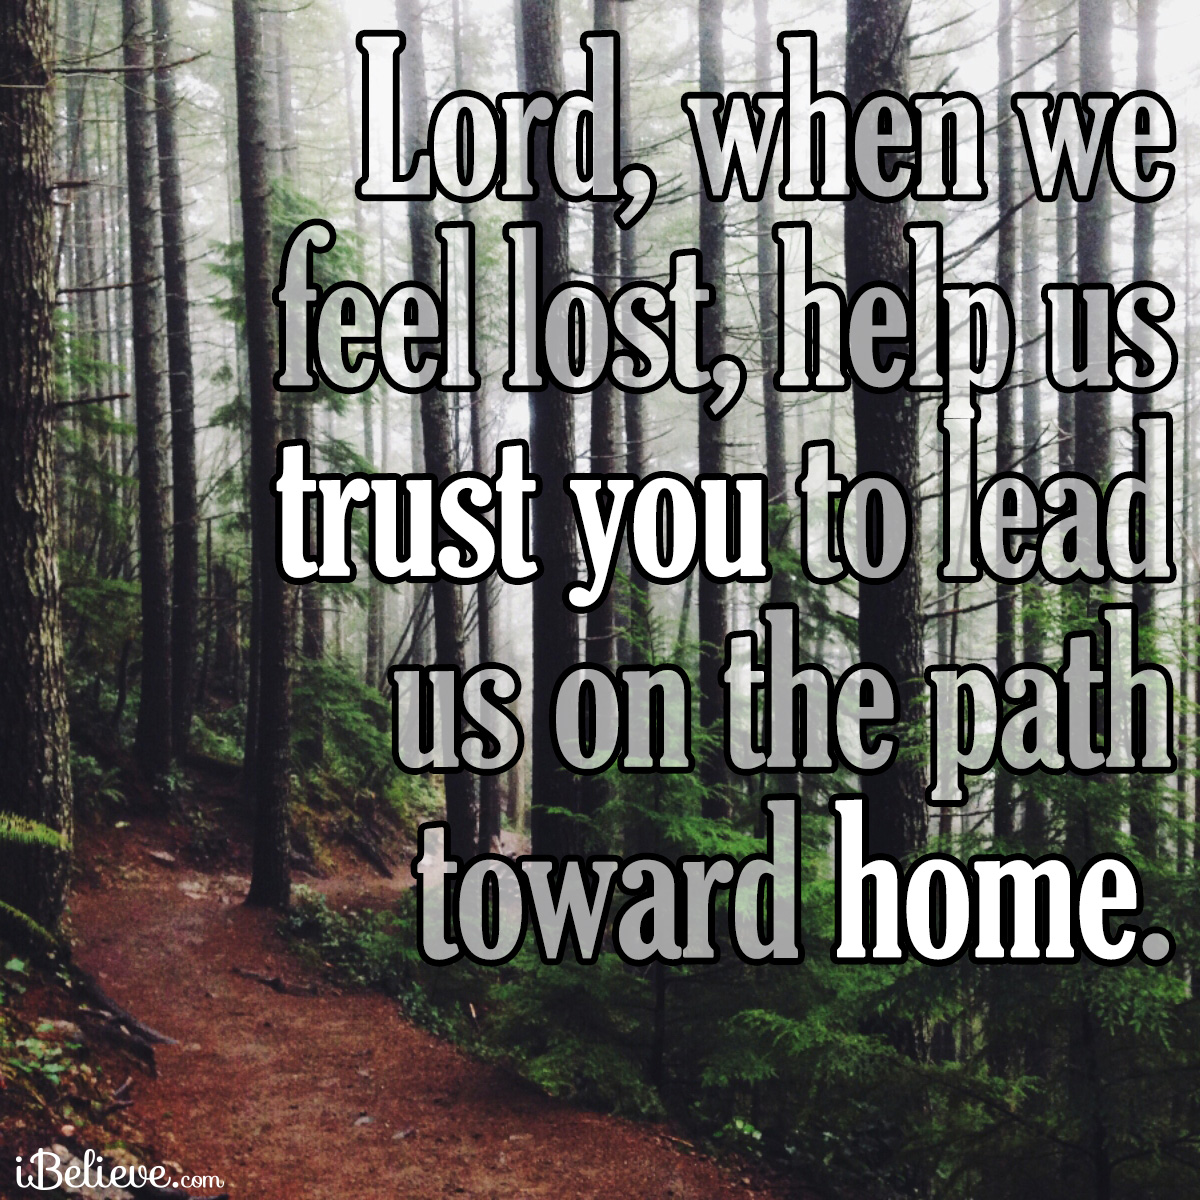 path toward home